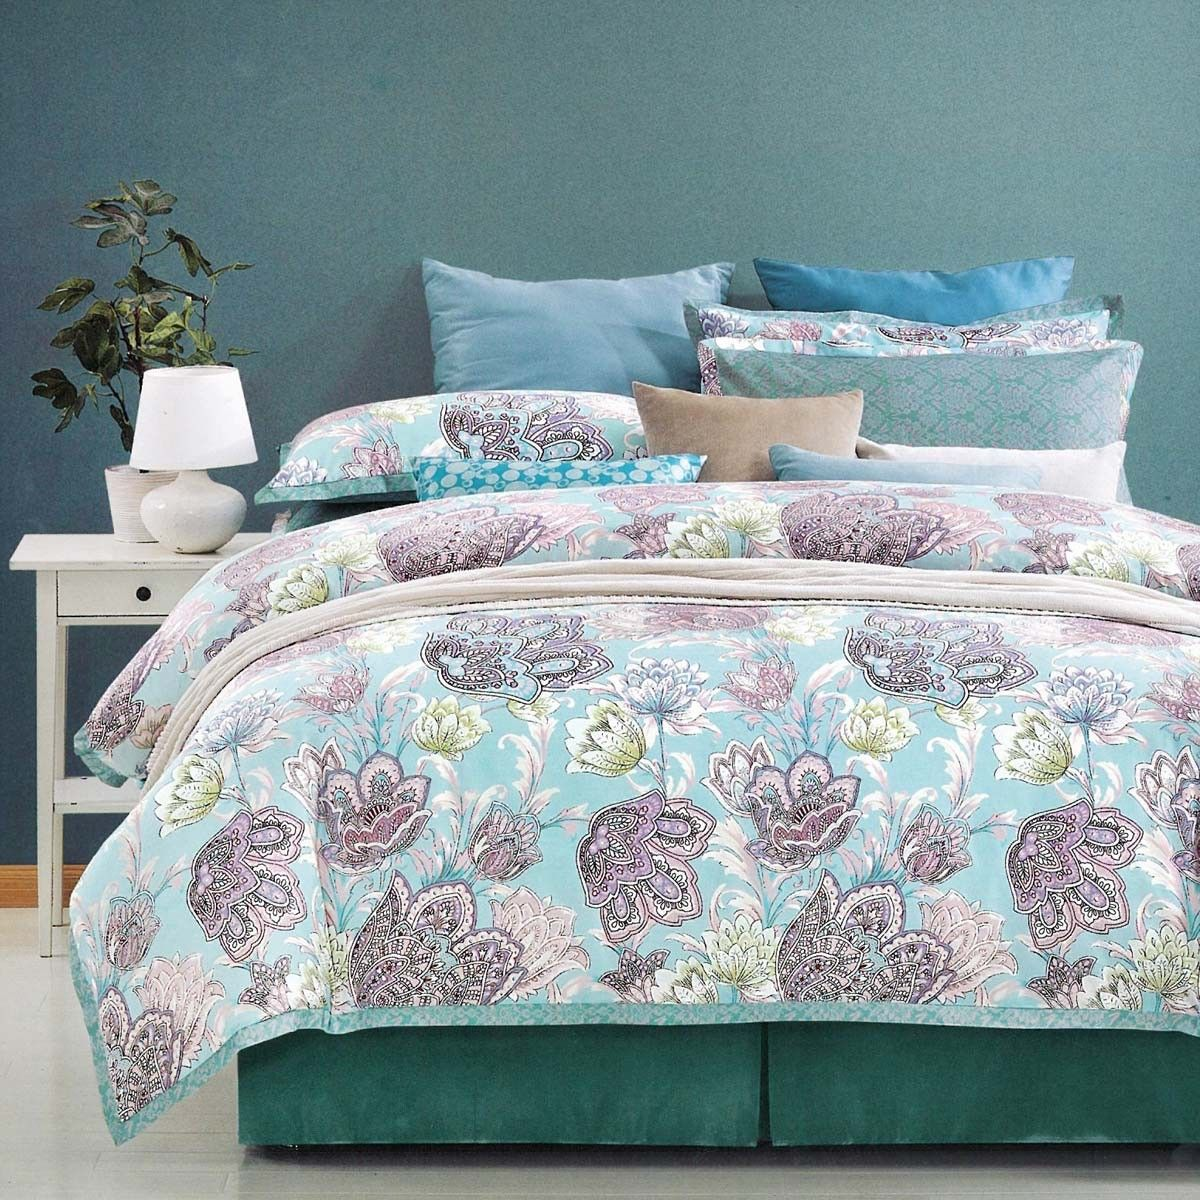 Prachtige slaapkamer in de kleur Blauw! #slaapkamer #slapen #bedroom #inrichting